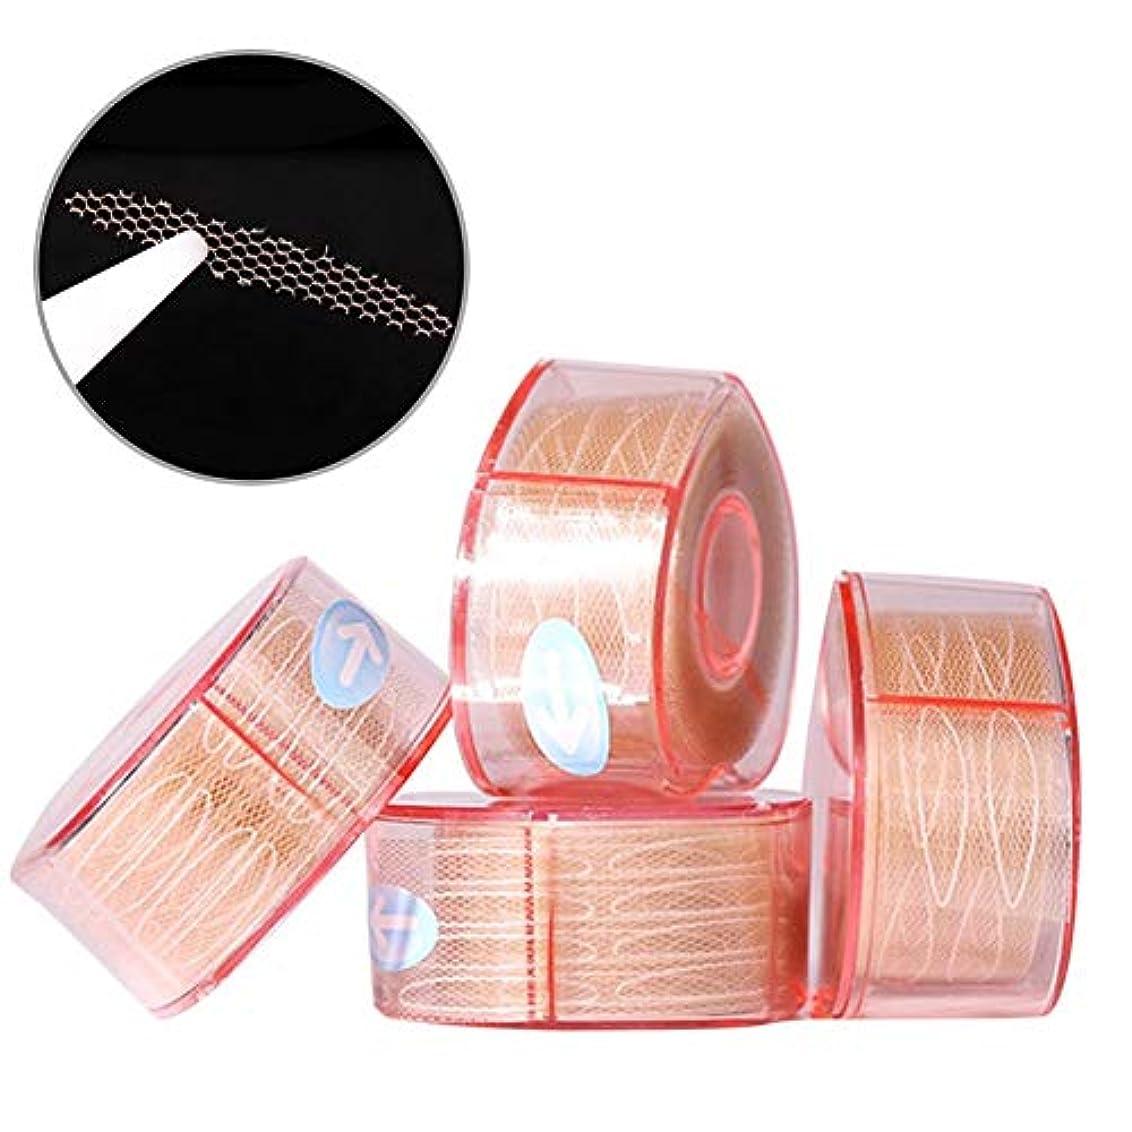 固める切り刻む多年生ナチュラルアイテープ 二重まぶたステッカー 二重まぶたテープ 300組セット メッシュ 見えない バレない 通気性 アイメイク 4タイプ選べる junexi